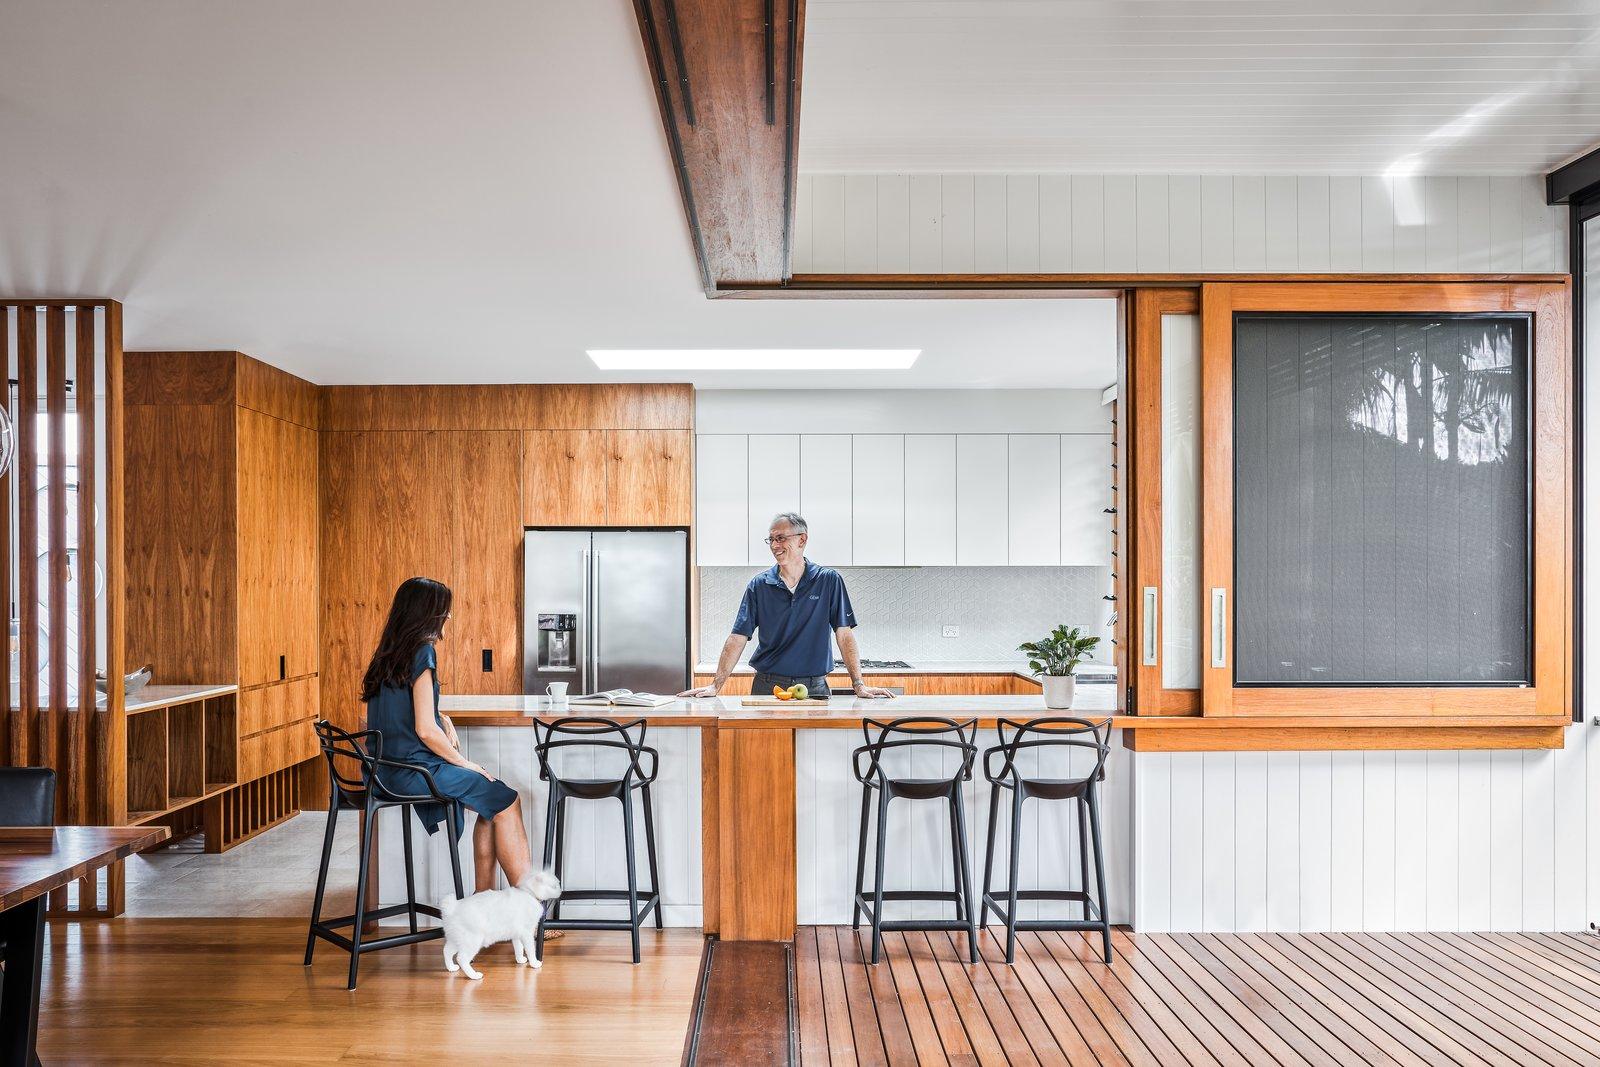 Keith Street House kitchen